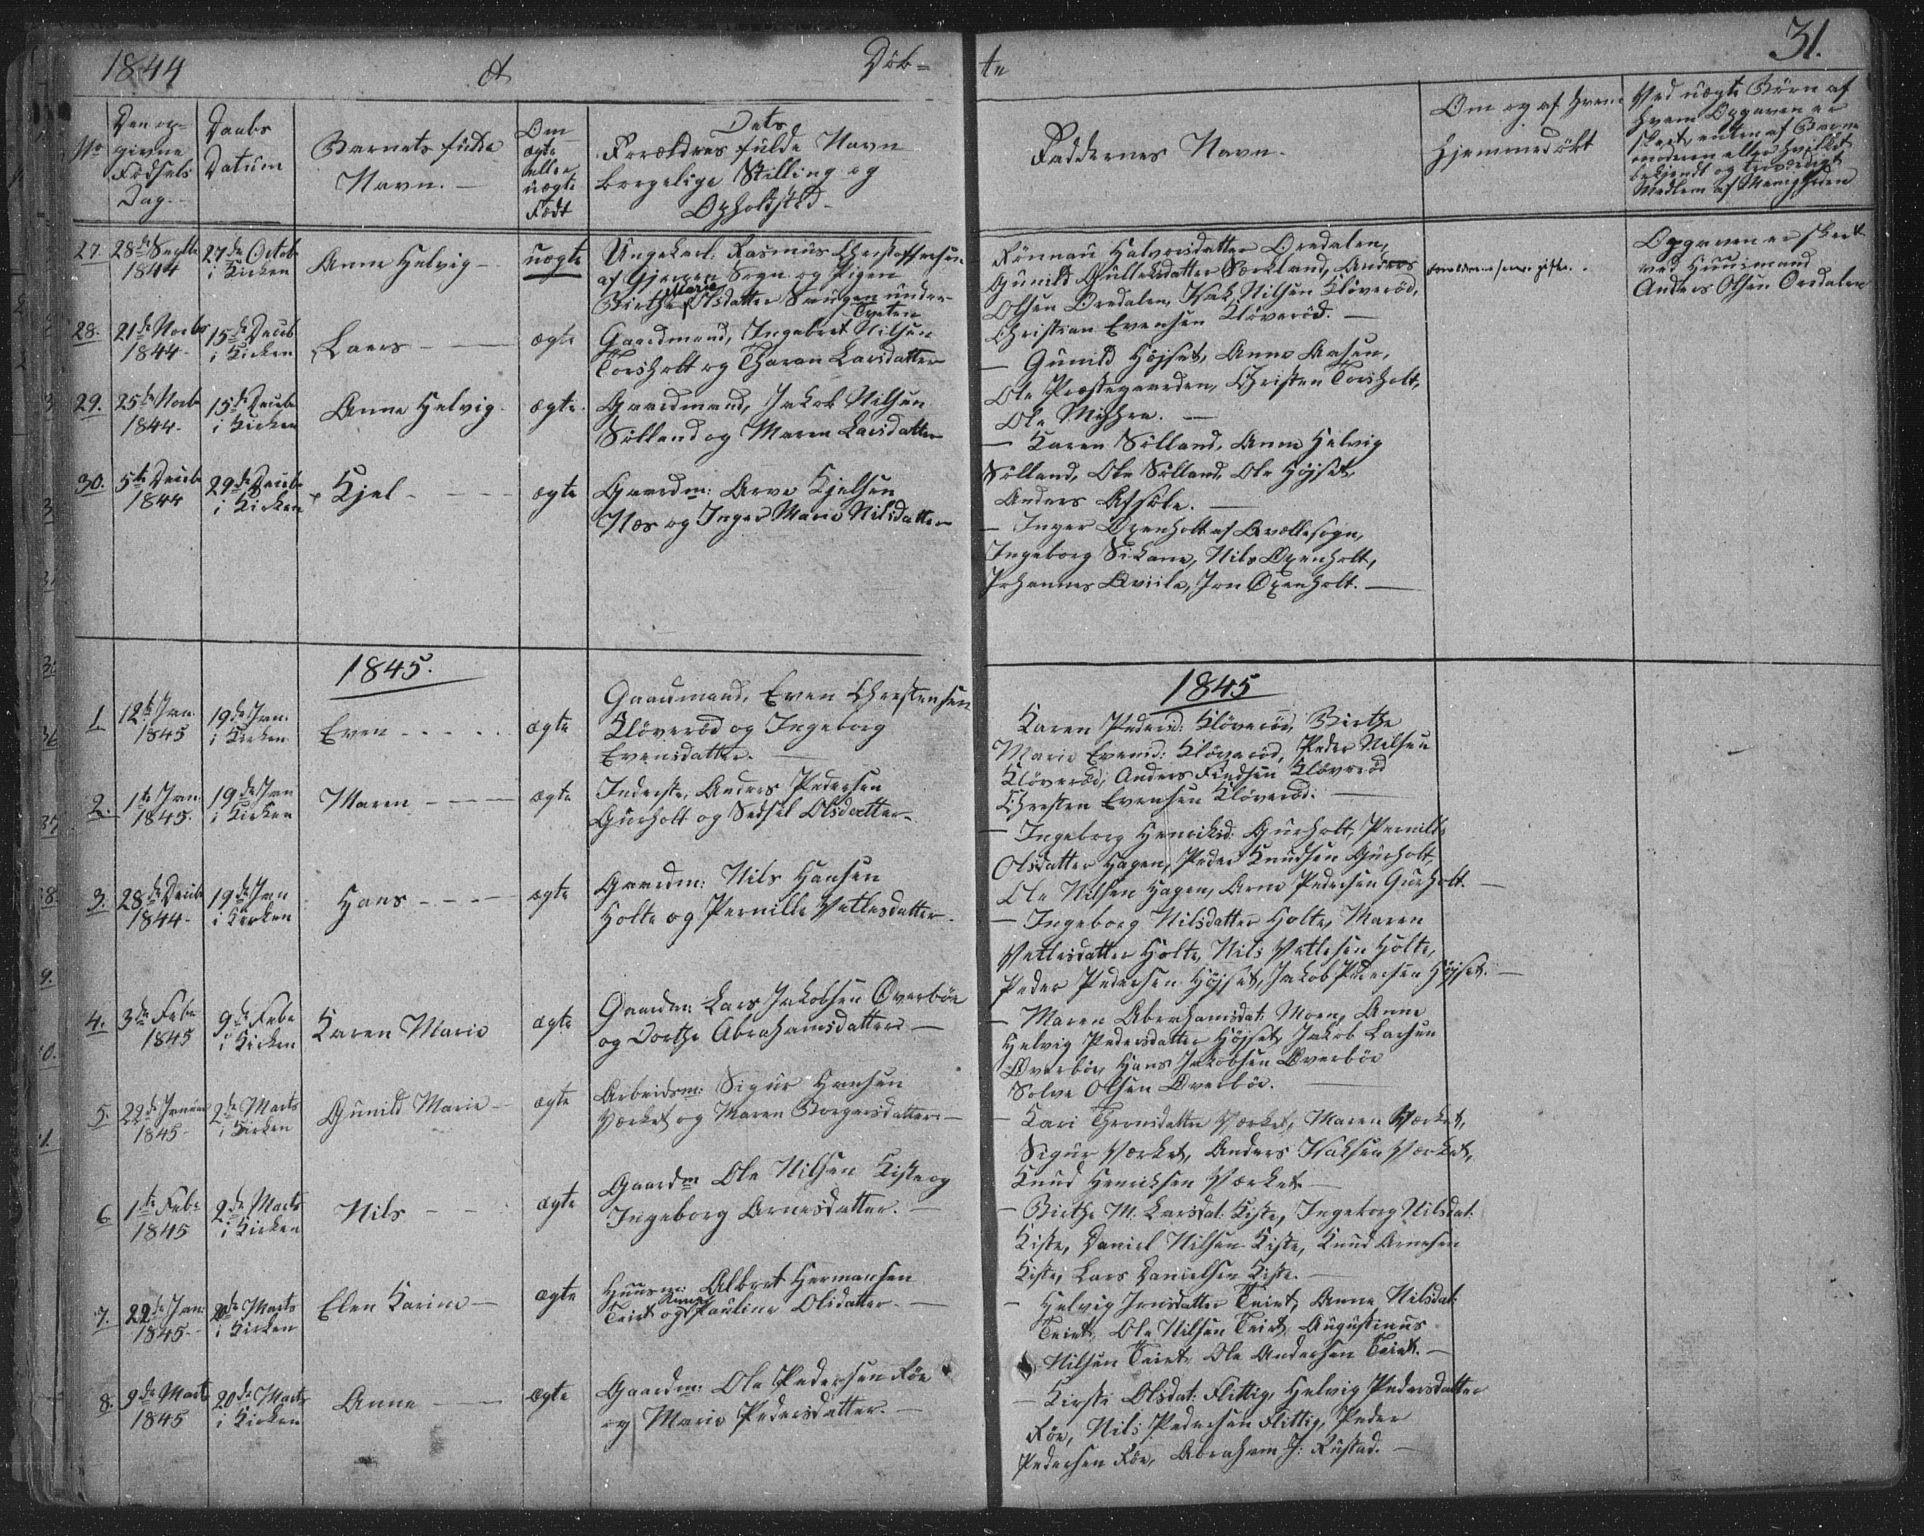 SAKO, Siljan kirkebøker, F/Fa/L0001: Ministerialbok nr. 1, 1831-1870, s. 31